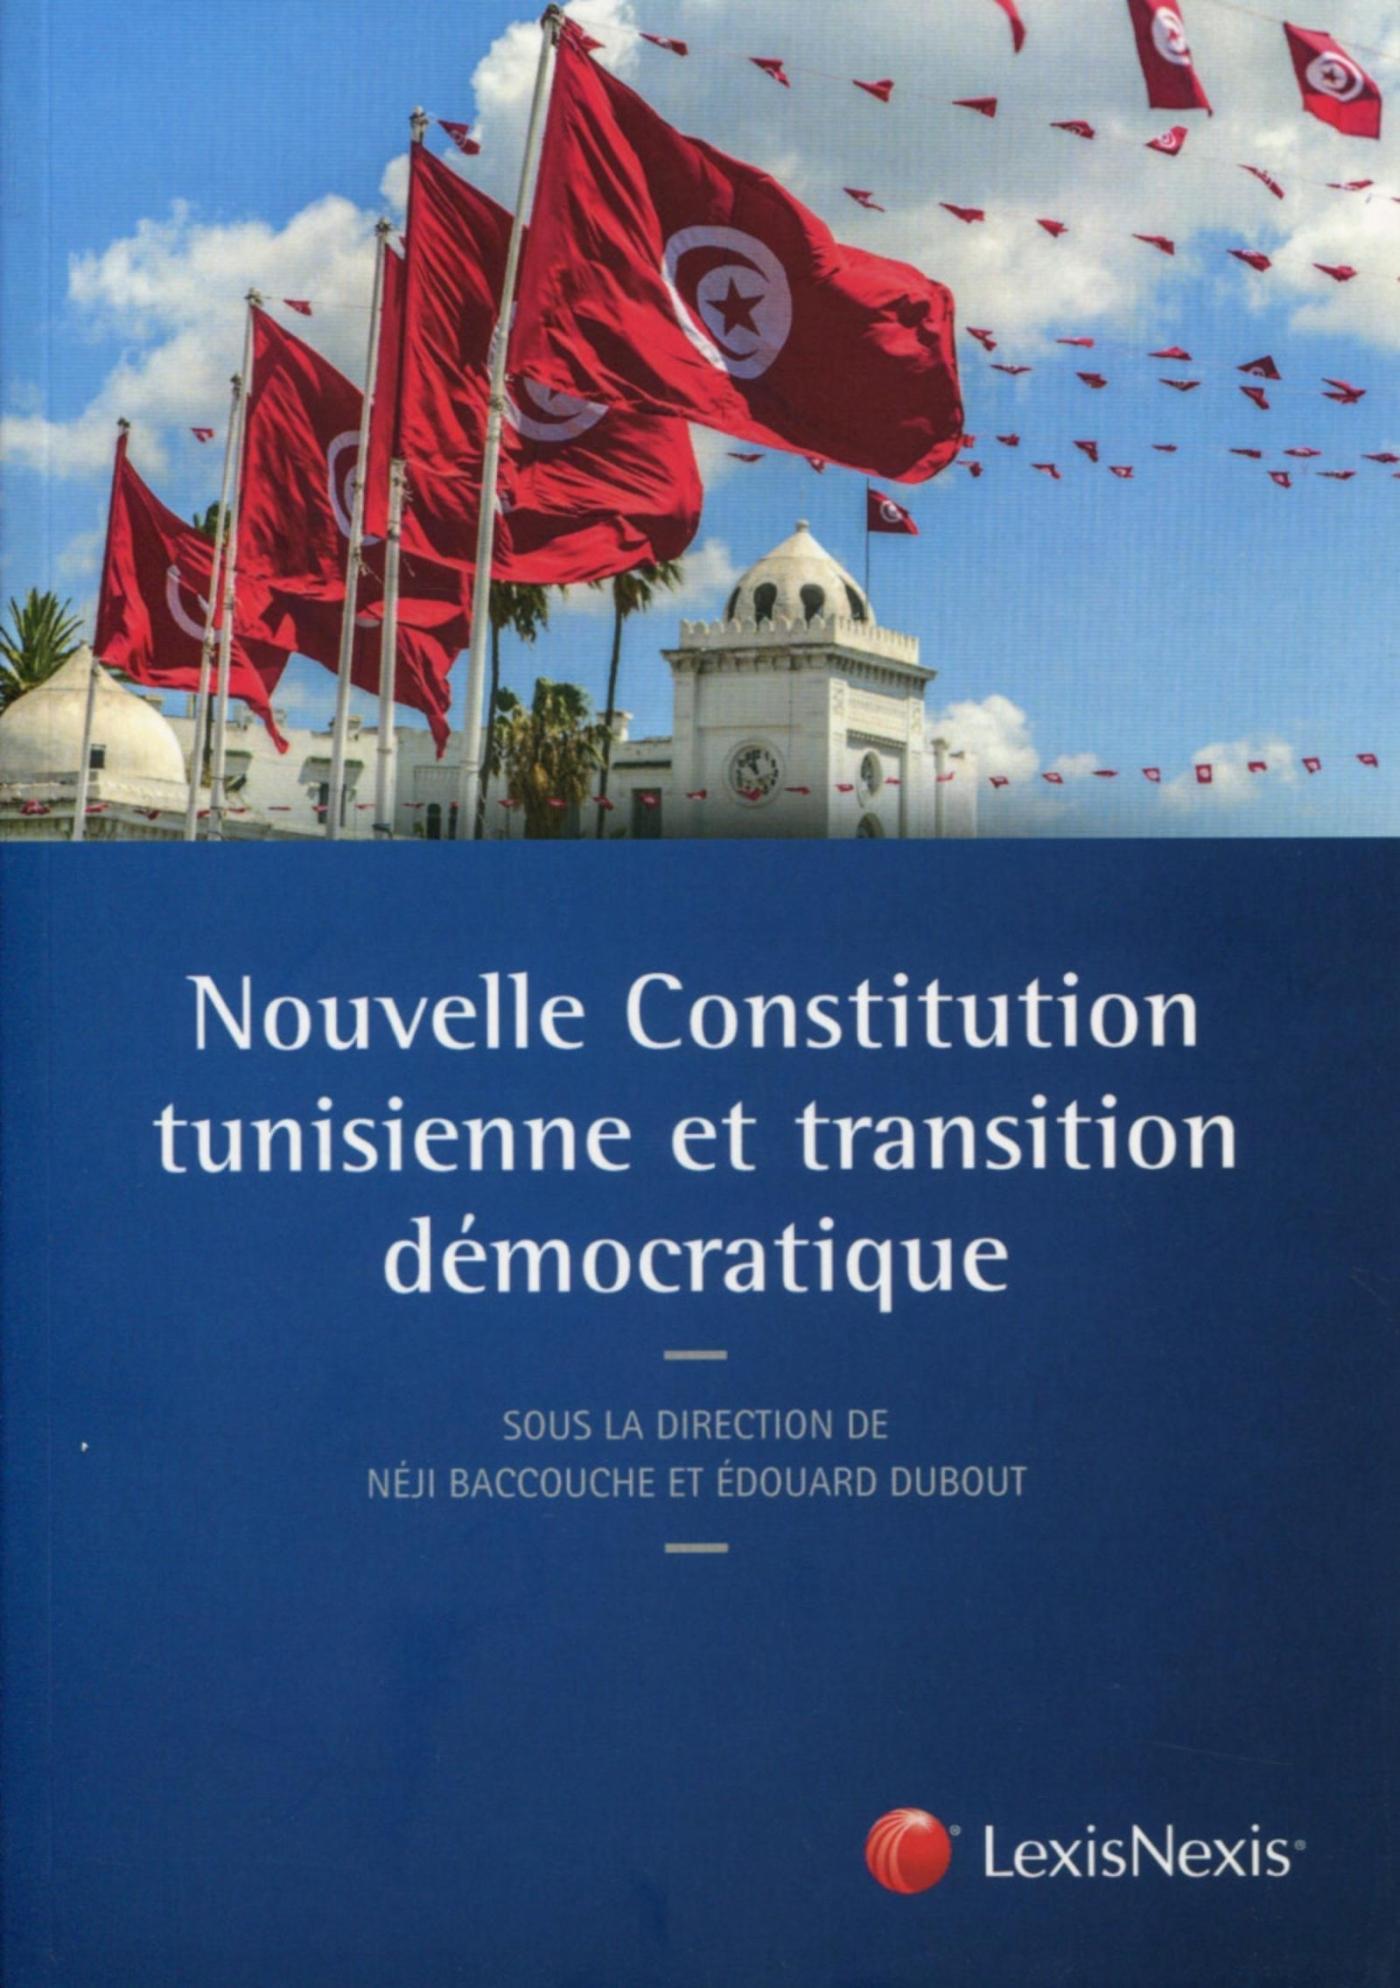 NOUVELLE CONSTITUTION TUNISIENNE ET TRANSITION DEMOCRATIQUE